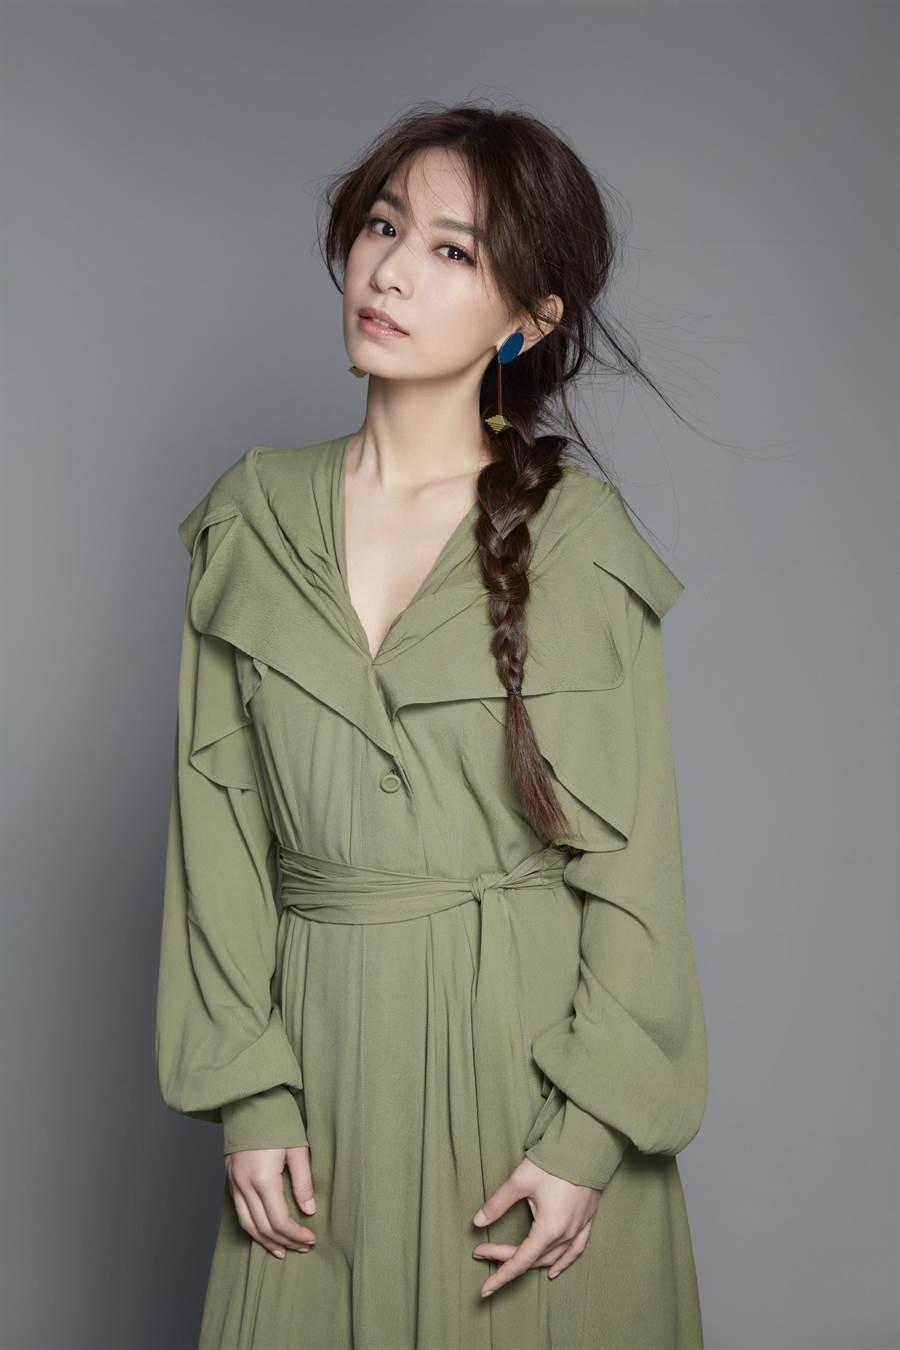 田馥甄演唱〈愛了很久的朋友〉深受聽眾喜愛,獲得百首單曲第二名。(HitFm提供)